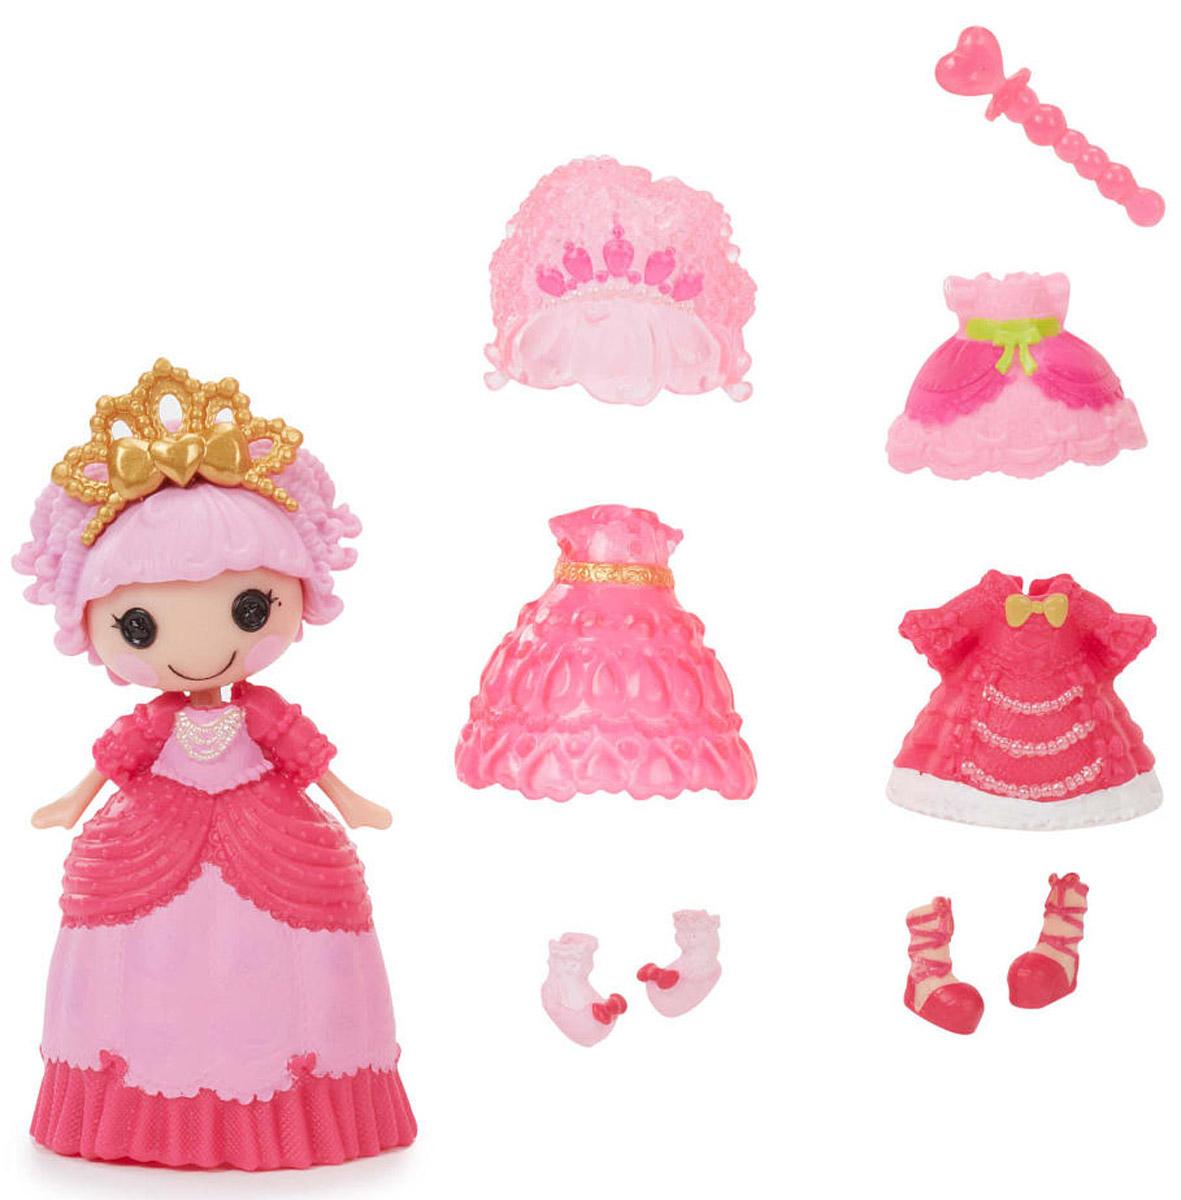 Lalaloopsy Мини-кукла Принцесса Jewel Sparkles542933_желтая ручкаМини-кукла Lalaloopsy Принцесса Jewel Sparkles обязательно понравится каждой девочке. В набор входят мини-кукла с очаровательными розовыми щечками, характерными для всех кукол Lalaloopsy, и разнообразные аксессуары для нее: сменные парики, обувь, одежда и волшебная палочка. С их помощью можно менять наряды кукле, создавая новые причудливые образы. Бальное платье принцессы может менять свой цвет! Просто опустите его в холодную воду и увидите результат. Для своего небольшого размера игрушка отлично детализирована. С такой куколкой ваша малышка сможет создавать различные сюжеты и воплощать их в жизнь, тем самым развивая фантазию и мелкую моторику рук. Все элементы набора выполнены из материала высокого качества, который безопасен для здоровья ребенка.